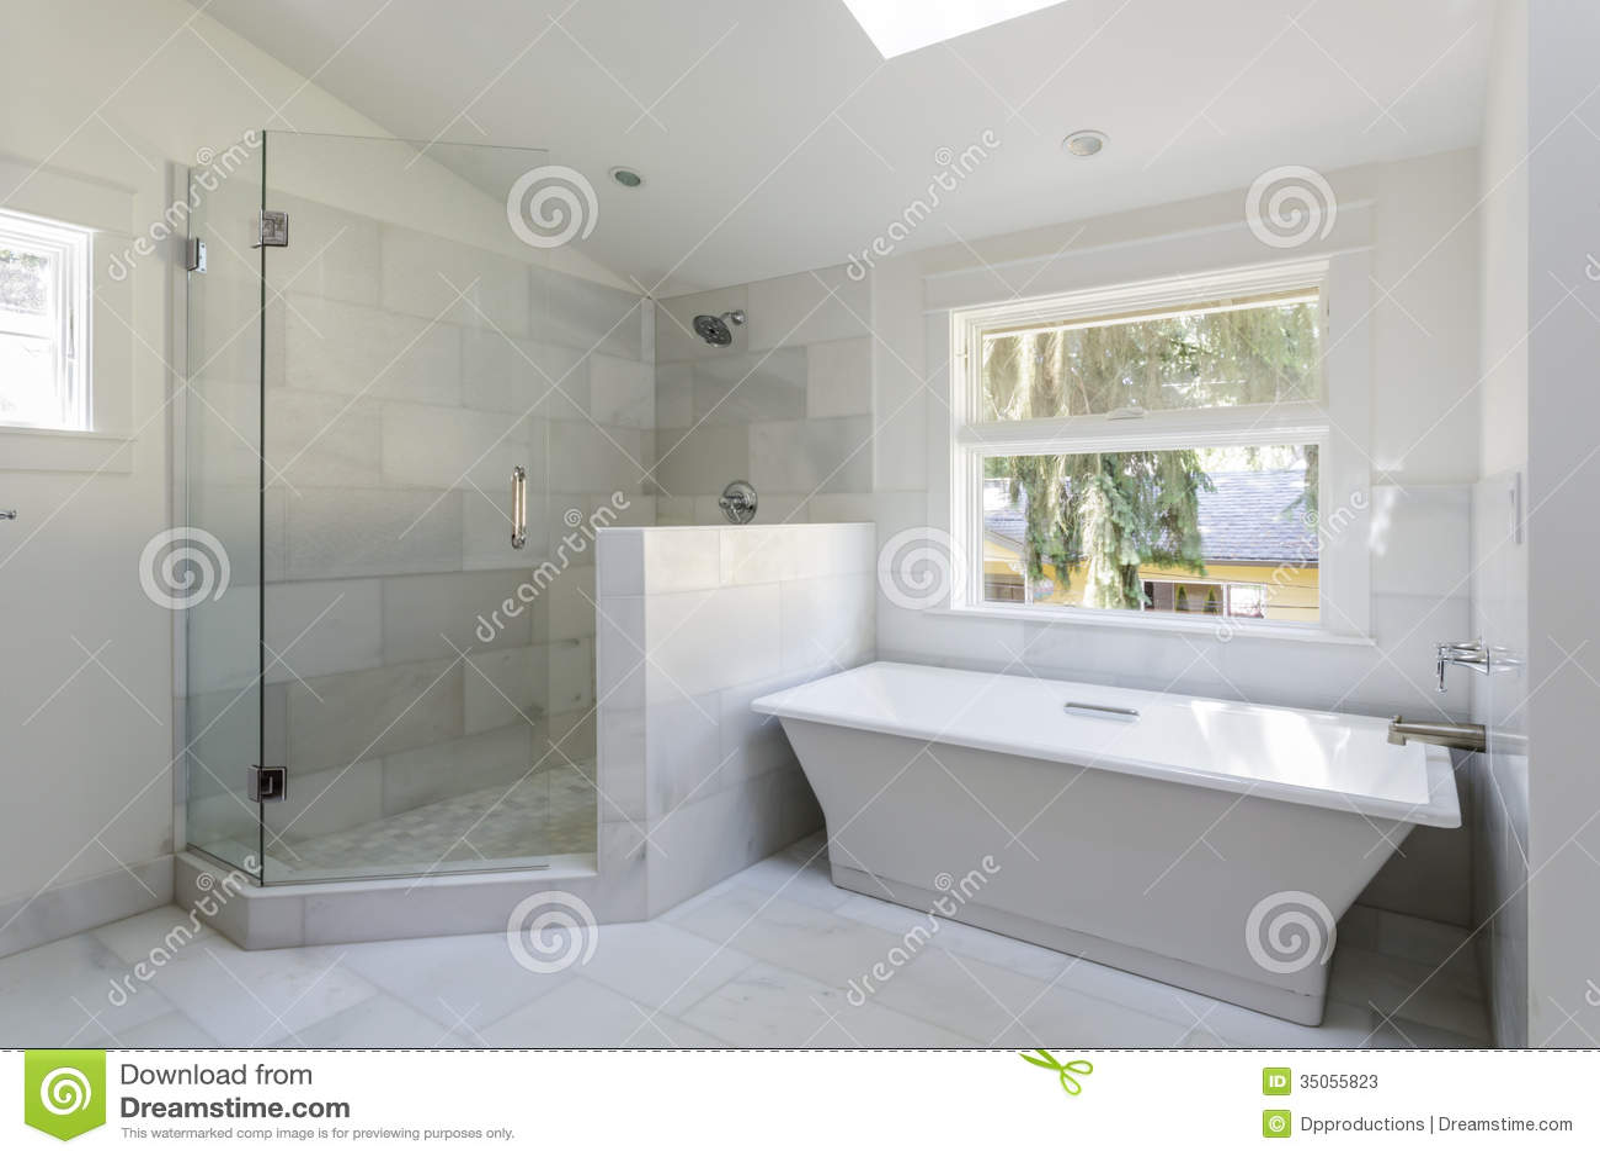 Cuarto de ba o moderno con la ducha y la ba era fotos de - Cuartos de bano con banera y ducha ...